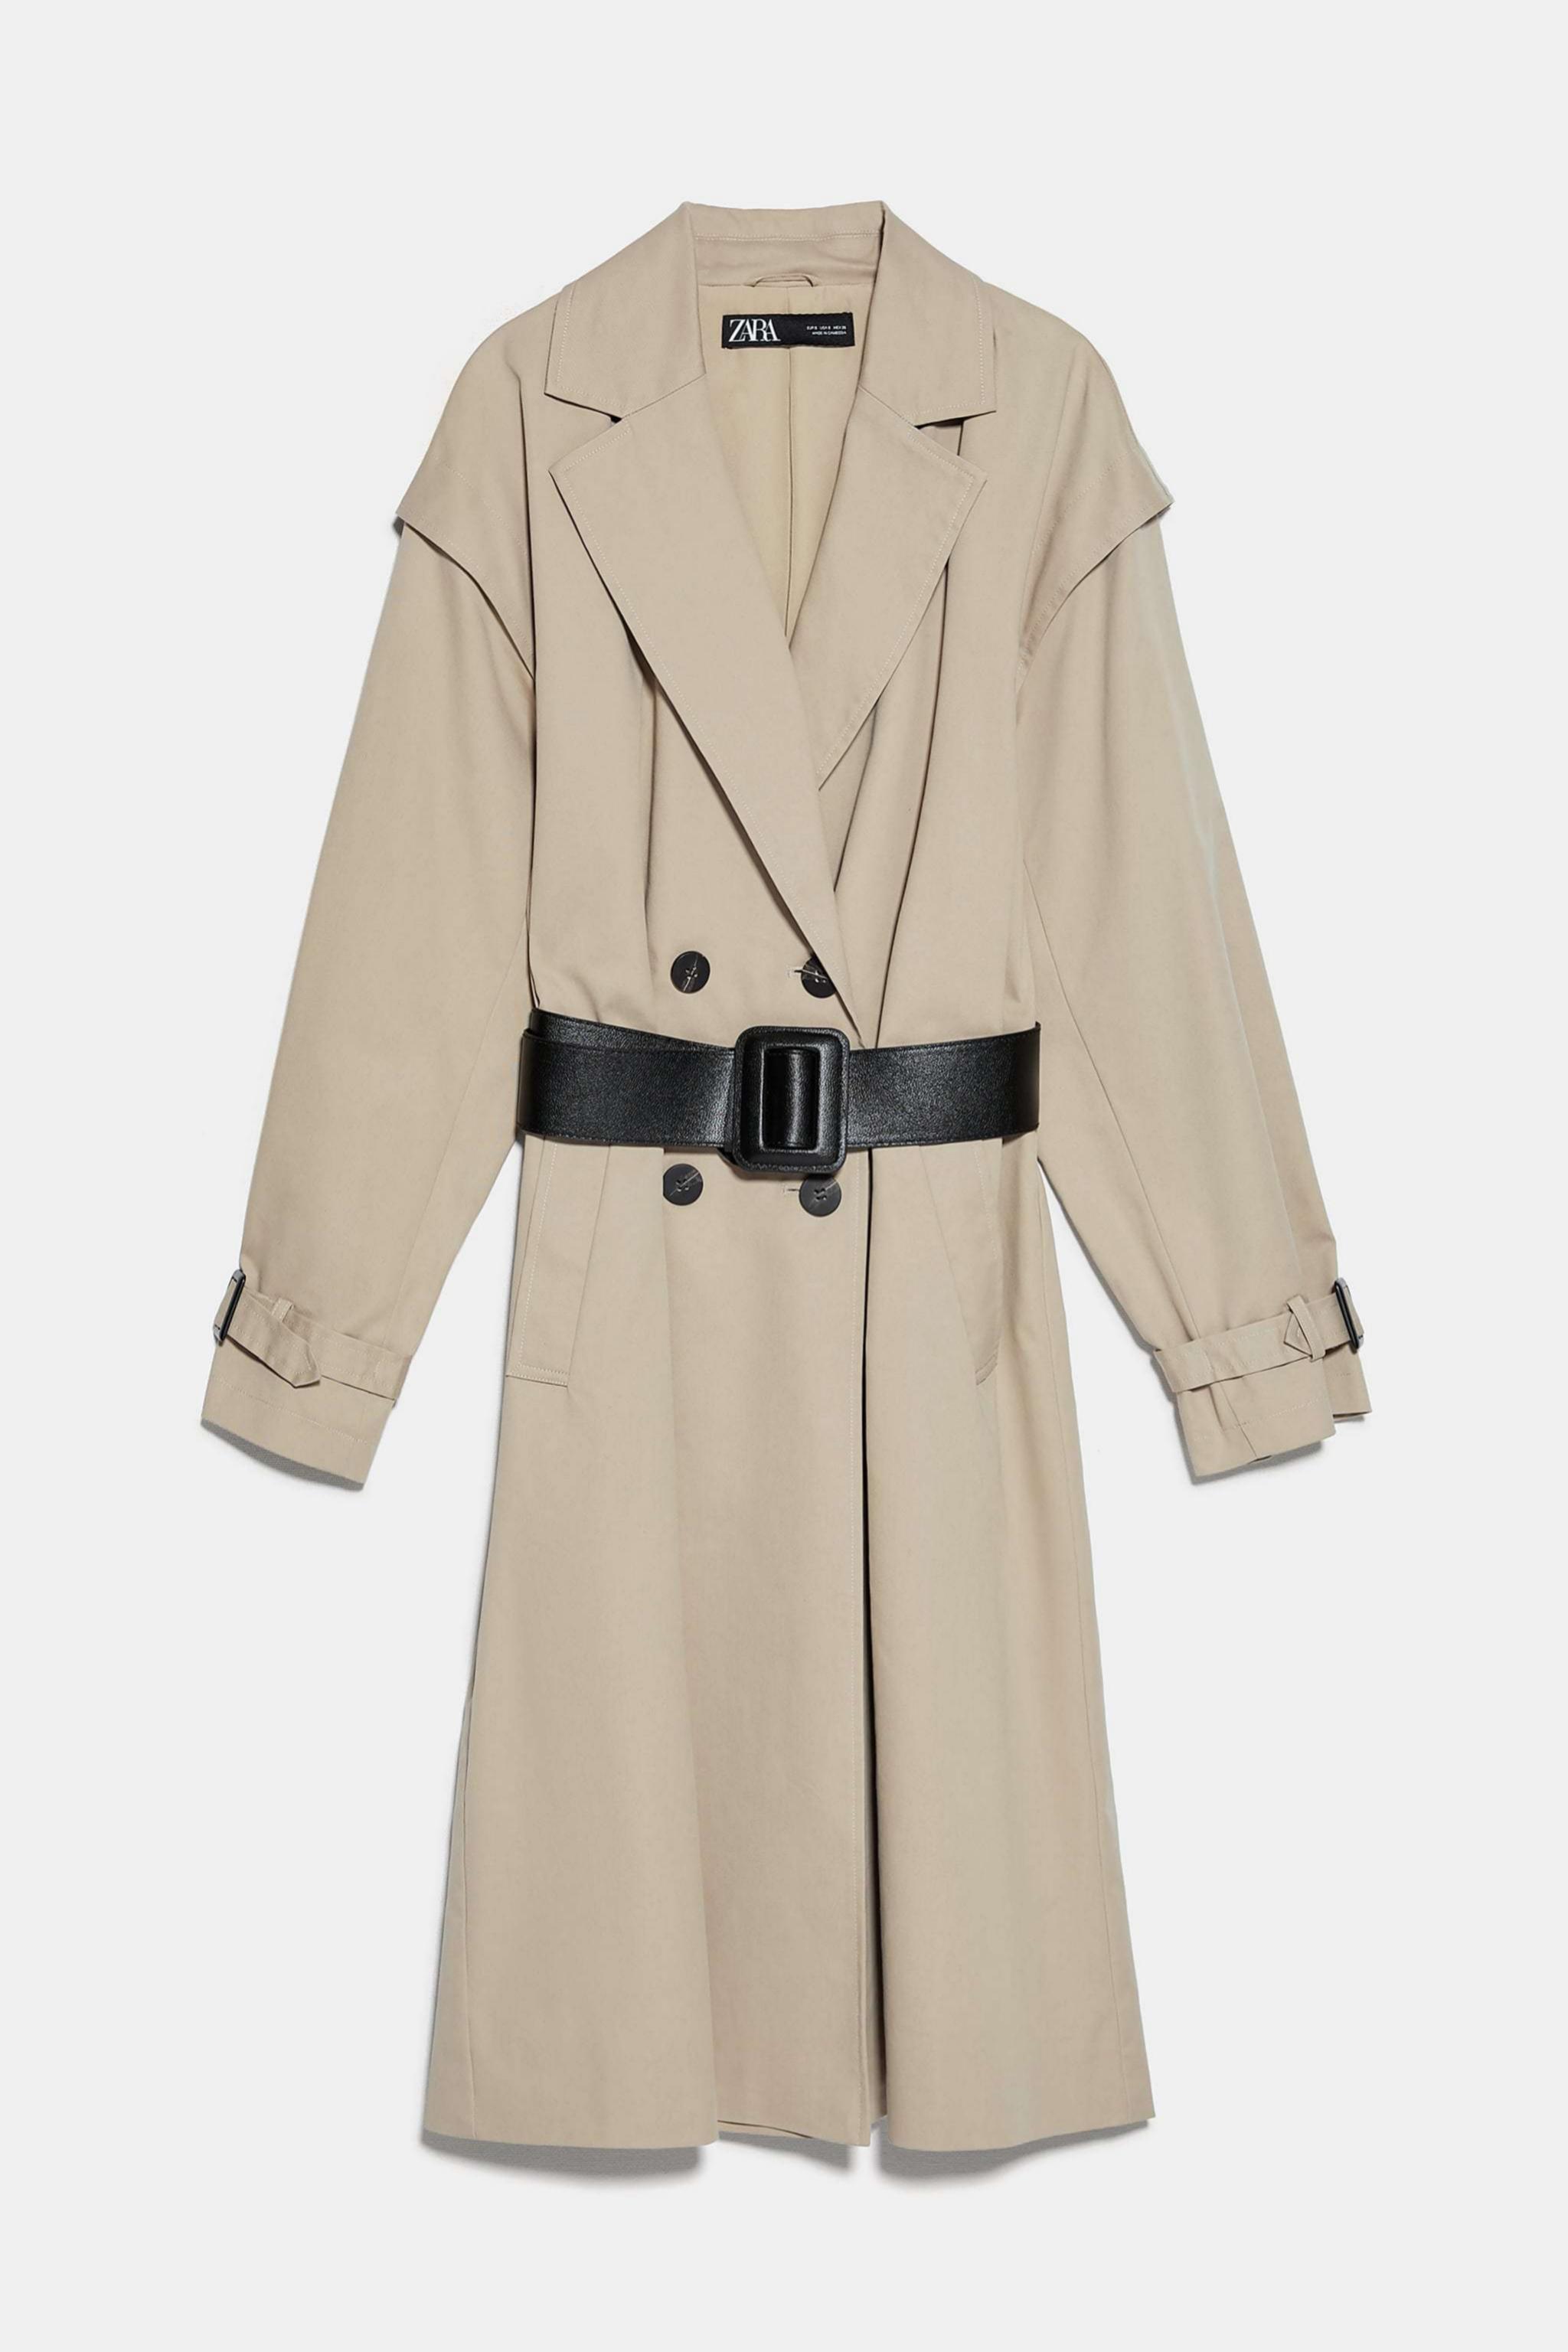 Gabardina <em>oversized</em> con cinturón de Zara (69,95¤)